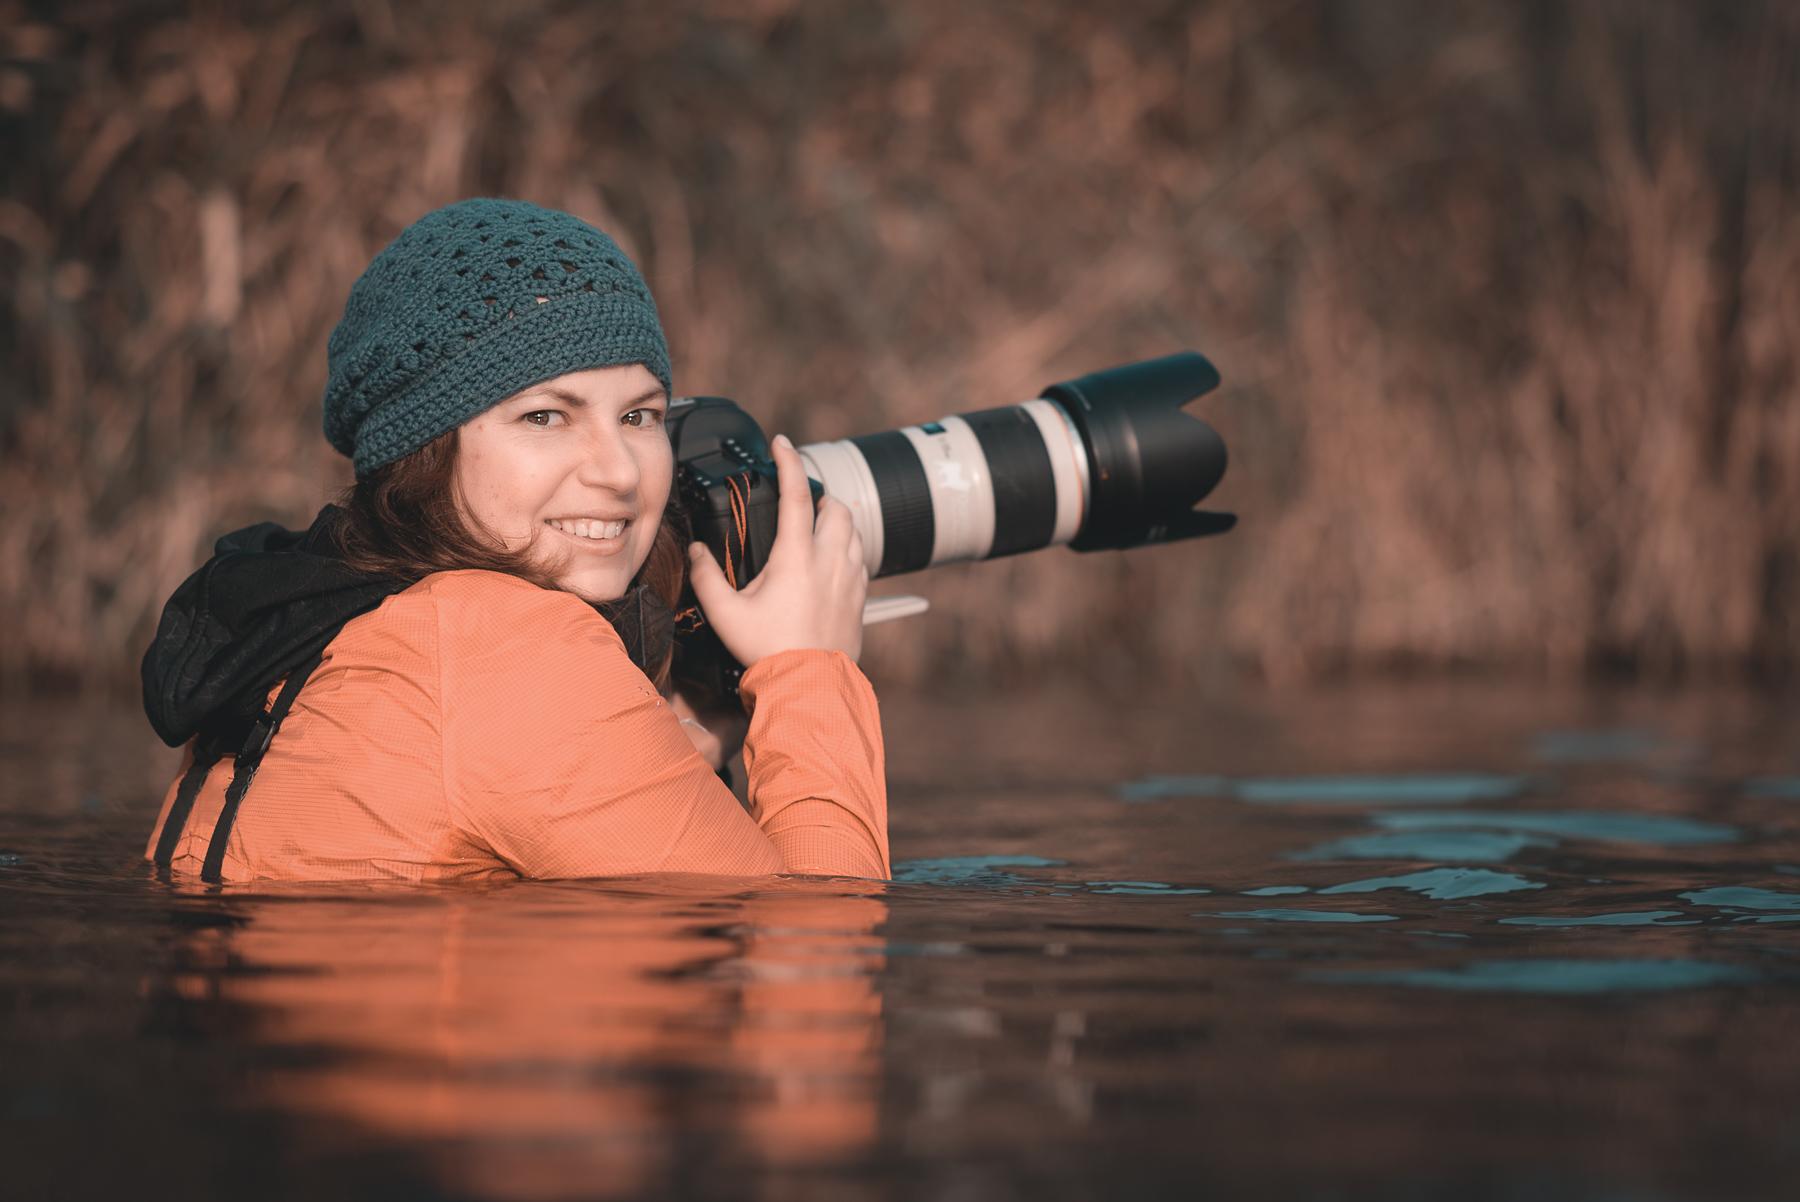 Foto by Manuela Kläui - www.mkl-photography.ch